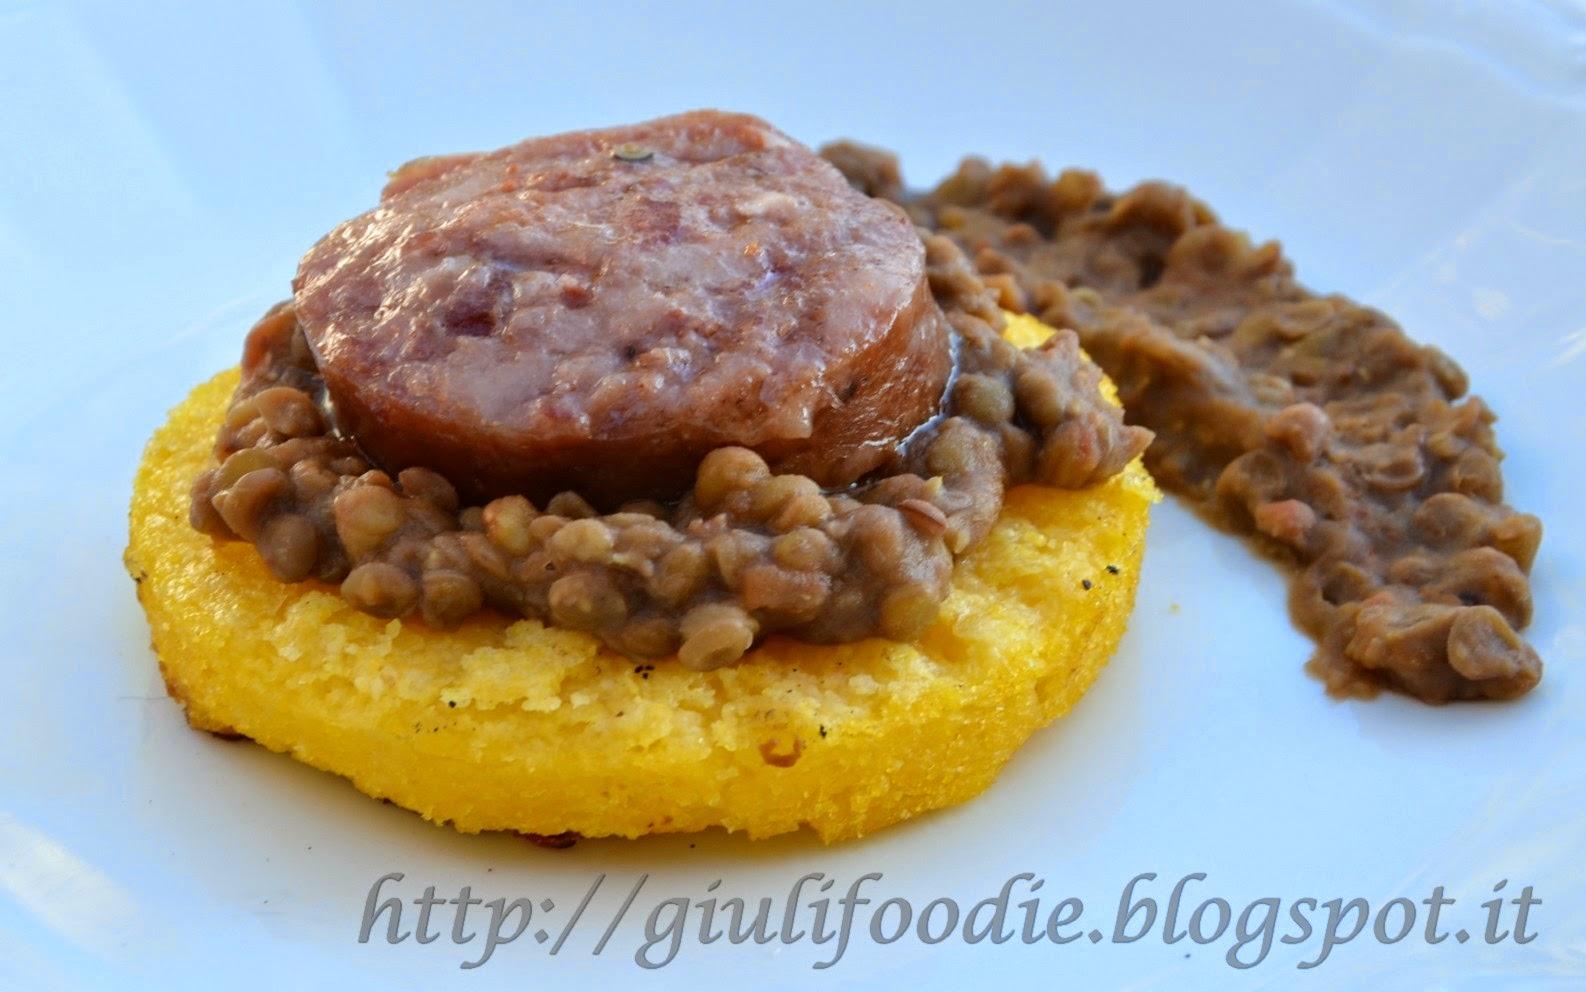 Giuli foodie le mie ricette in cucina cotechino con - Come cucinare le lenticchie con cotechino ...